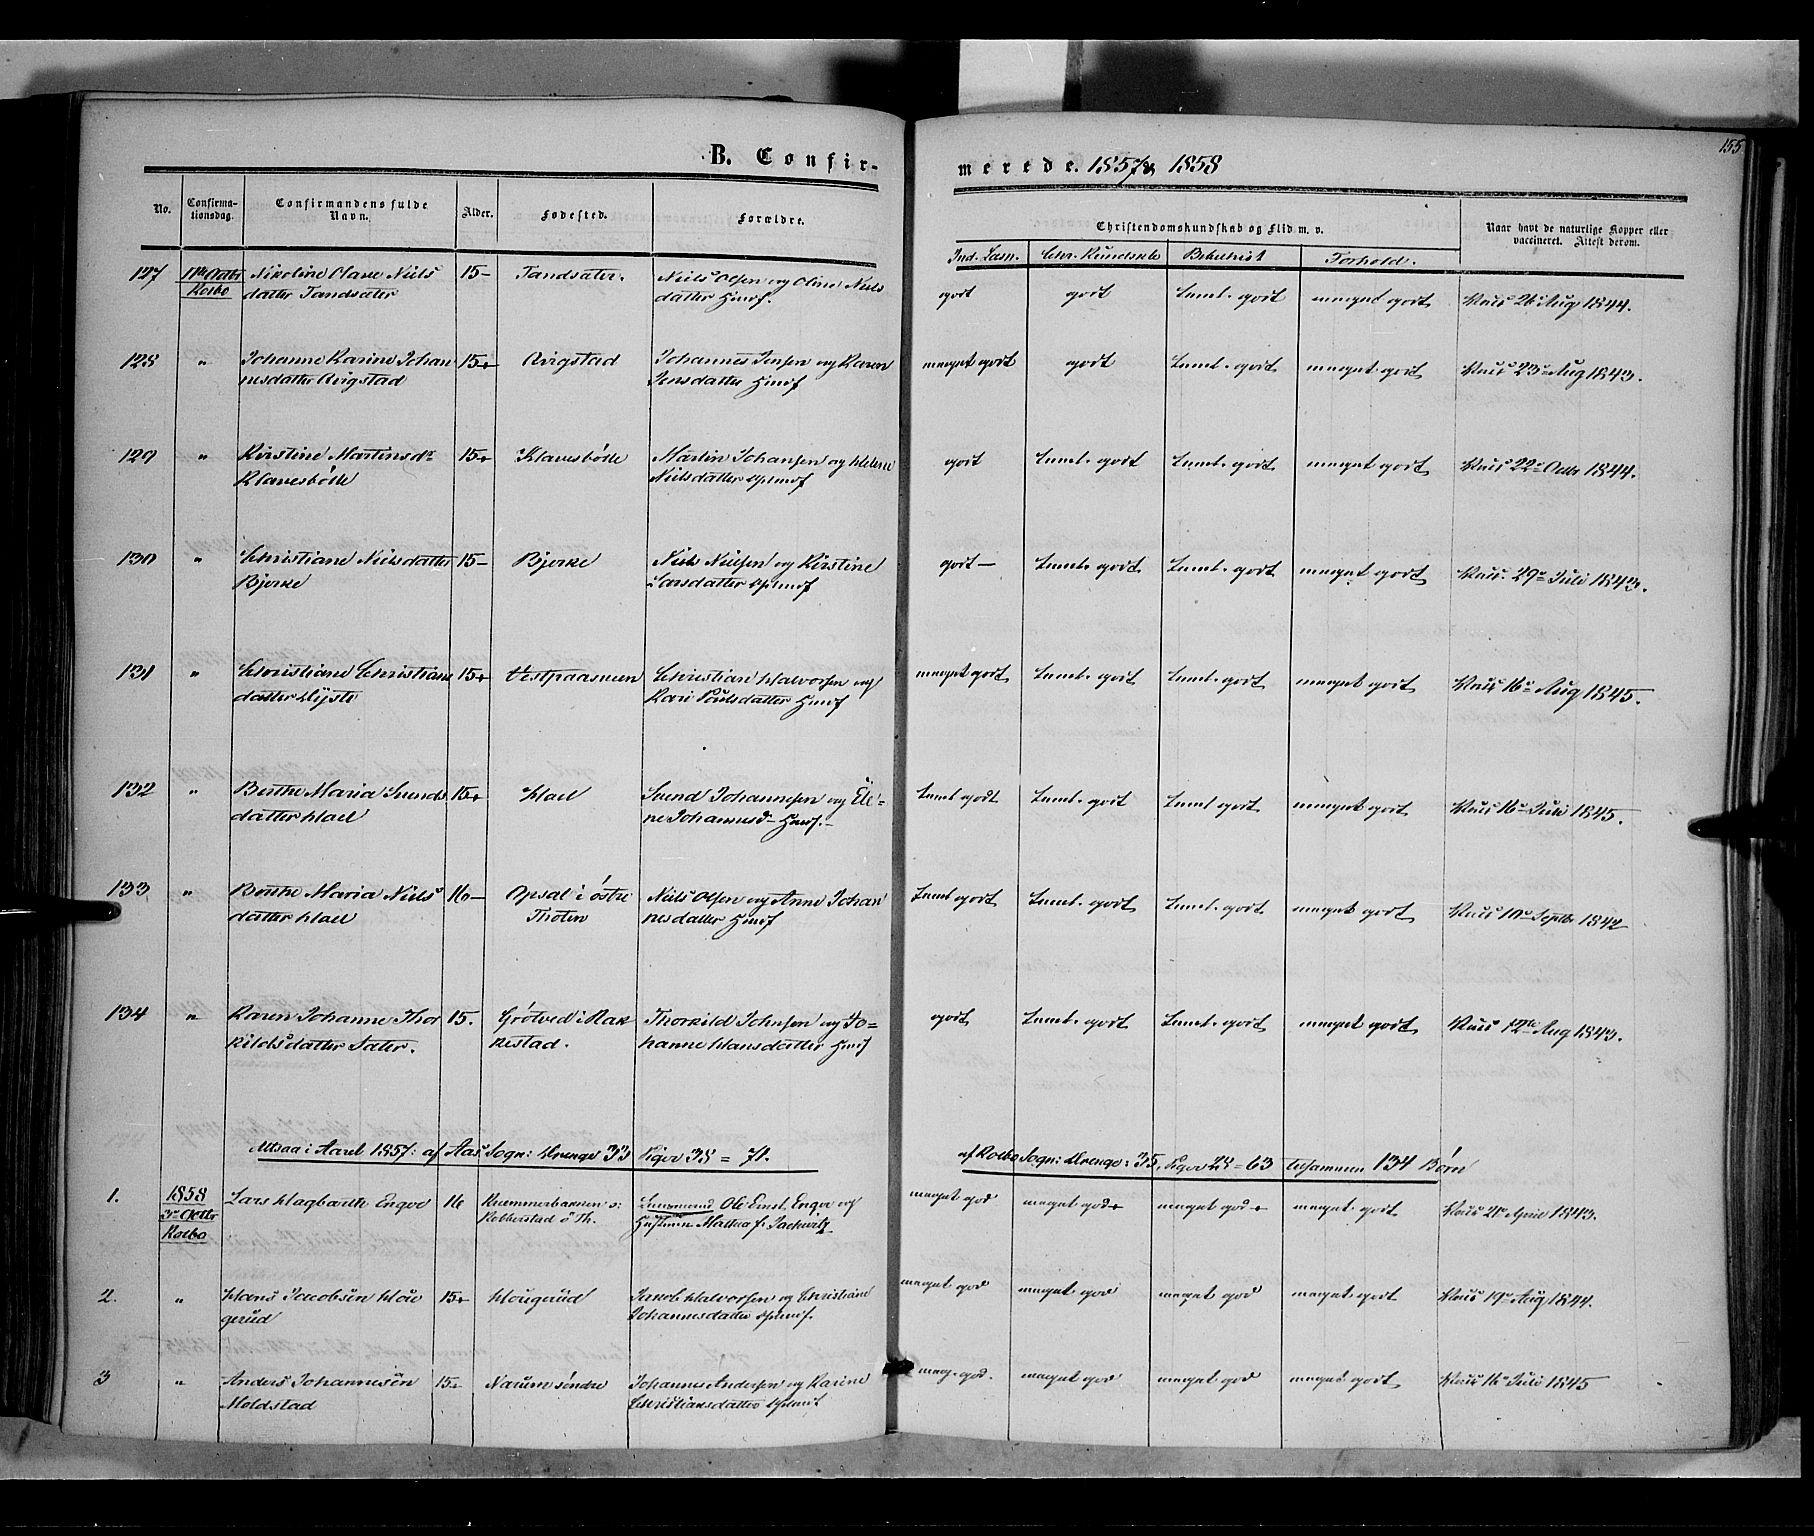 SAH, Vestre Toten prestekontor, Ministerialbok nr. 6, 1856-1861, s. 155